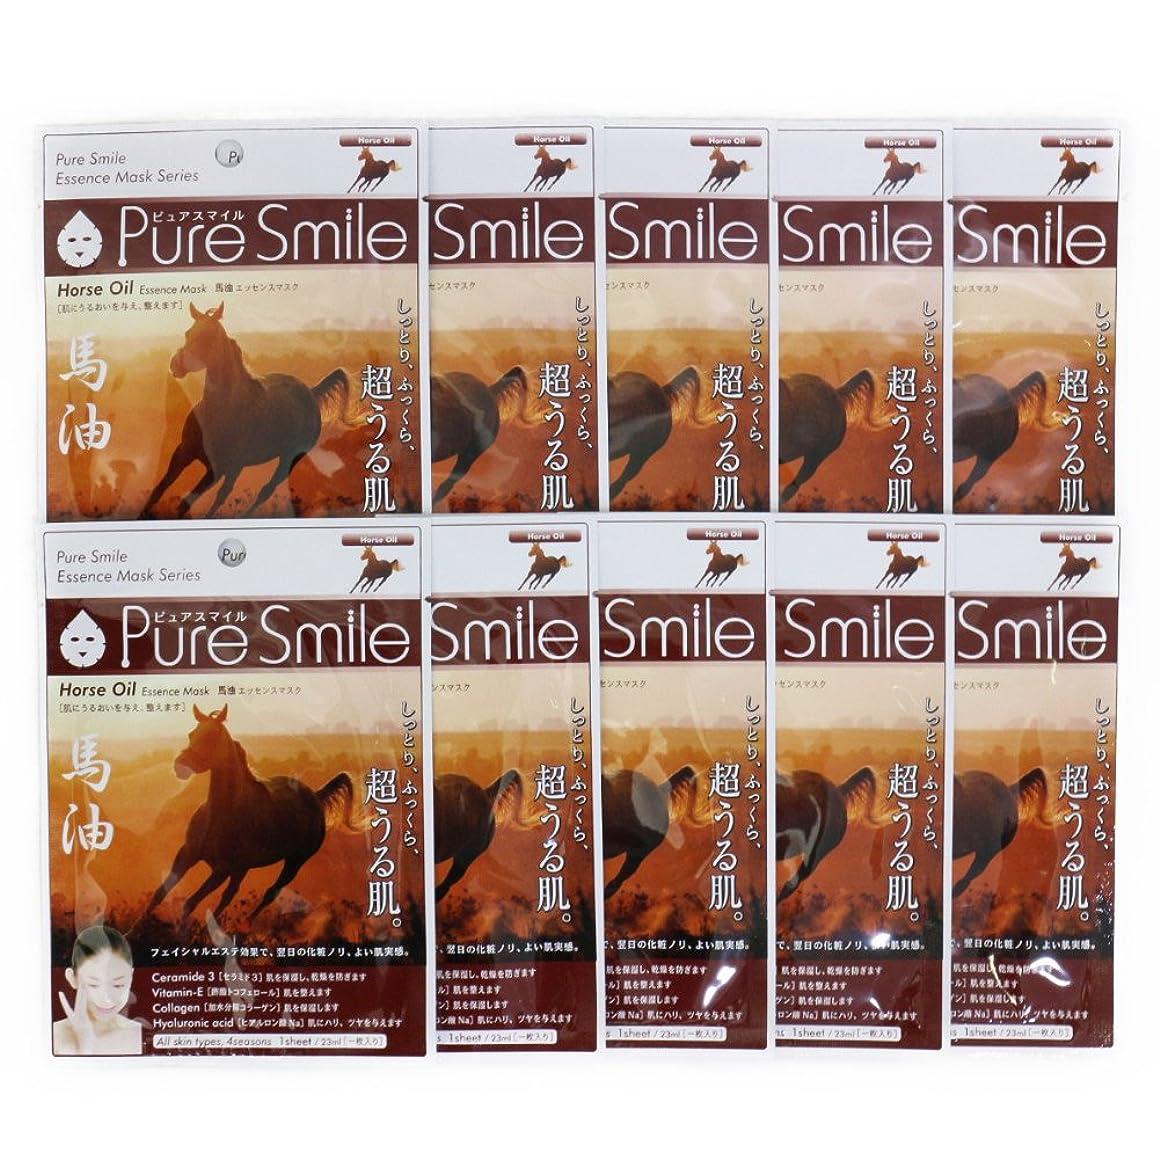 接尾辞曖昧な崇拝しますPure Smile ピュアスマイル エッセンスマスク 馬油 10枚セット